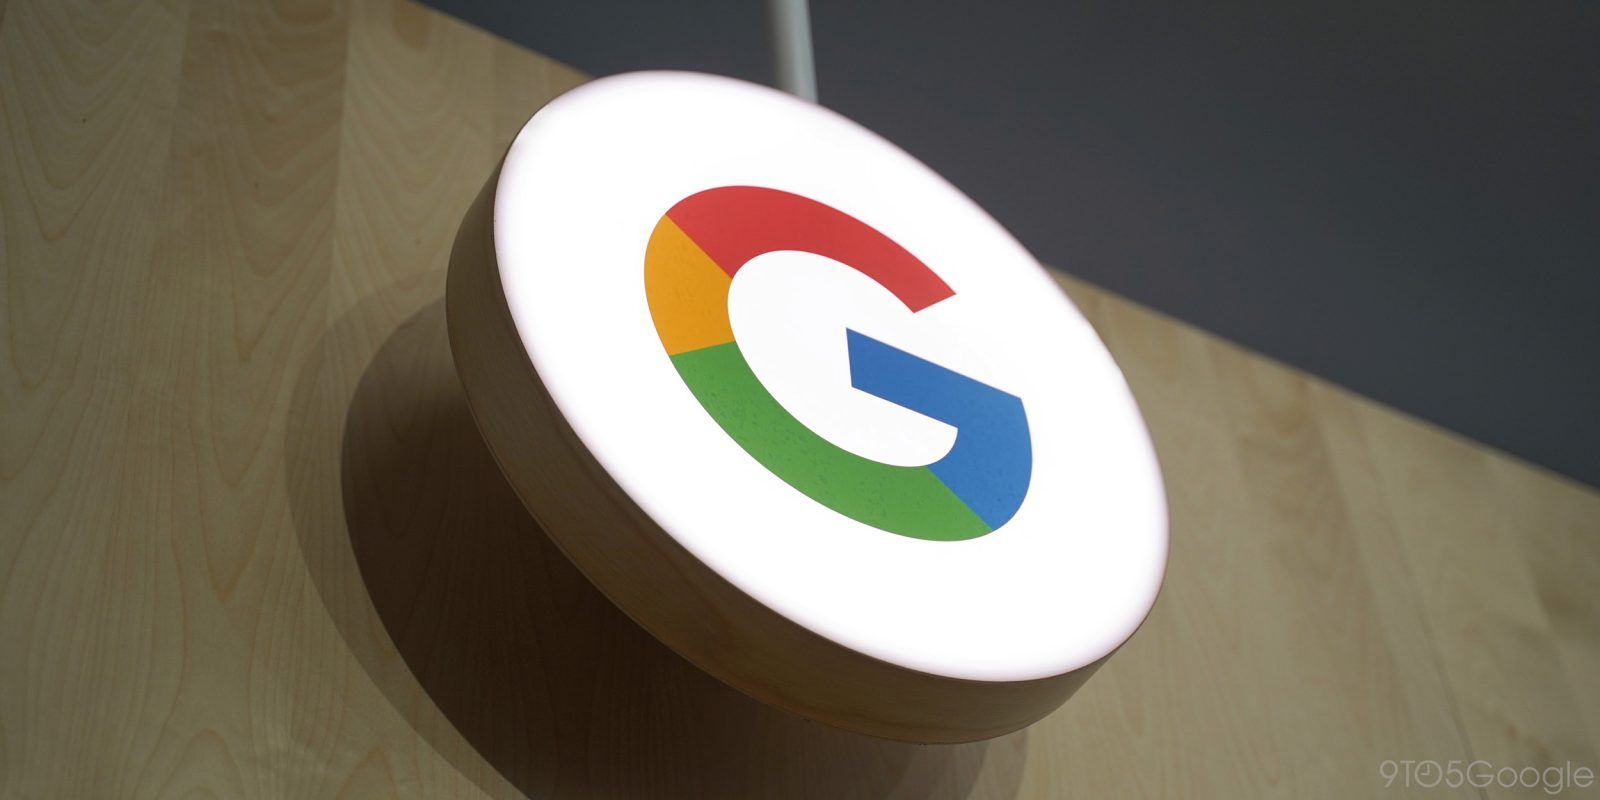 Bantu Tanggulangi COVID-19 di Indonesia, Google Sumbang Dana Rp14,4 Miliar